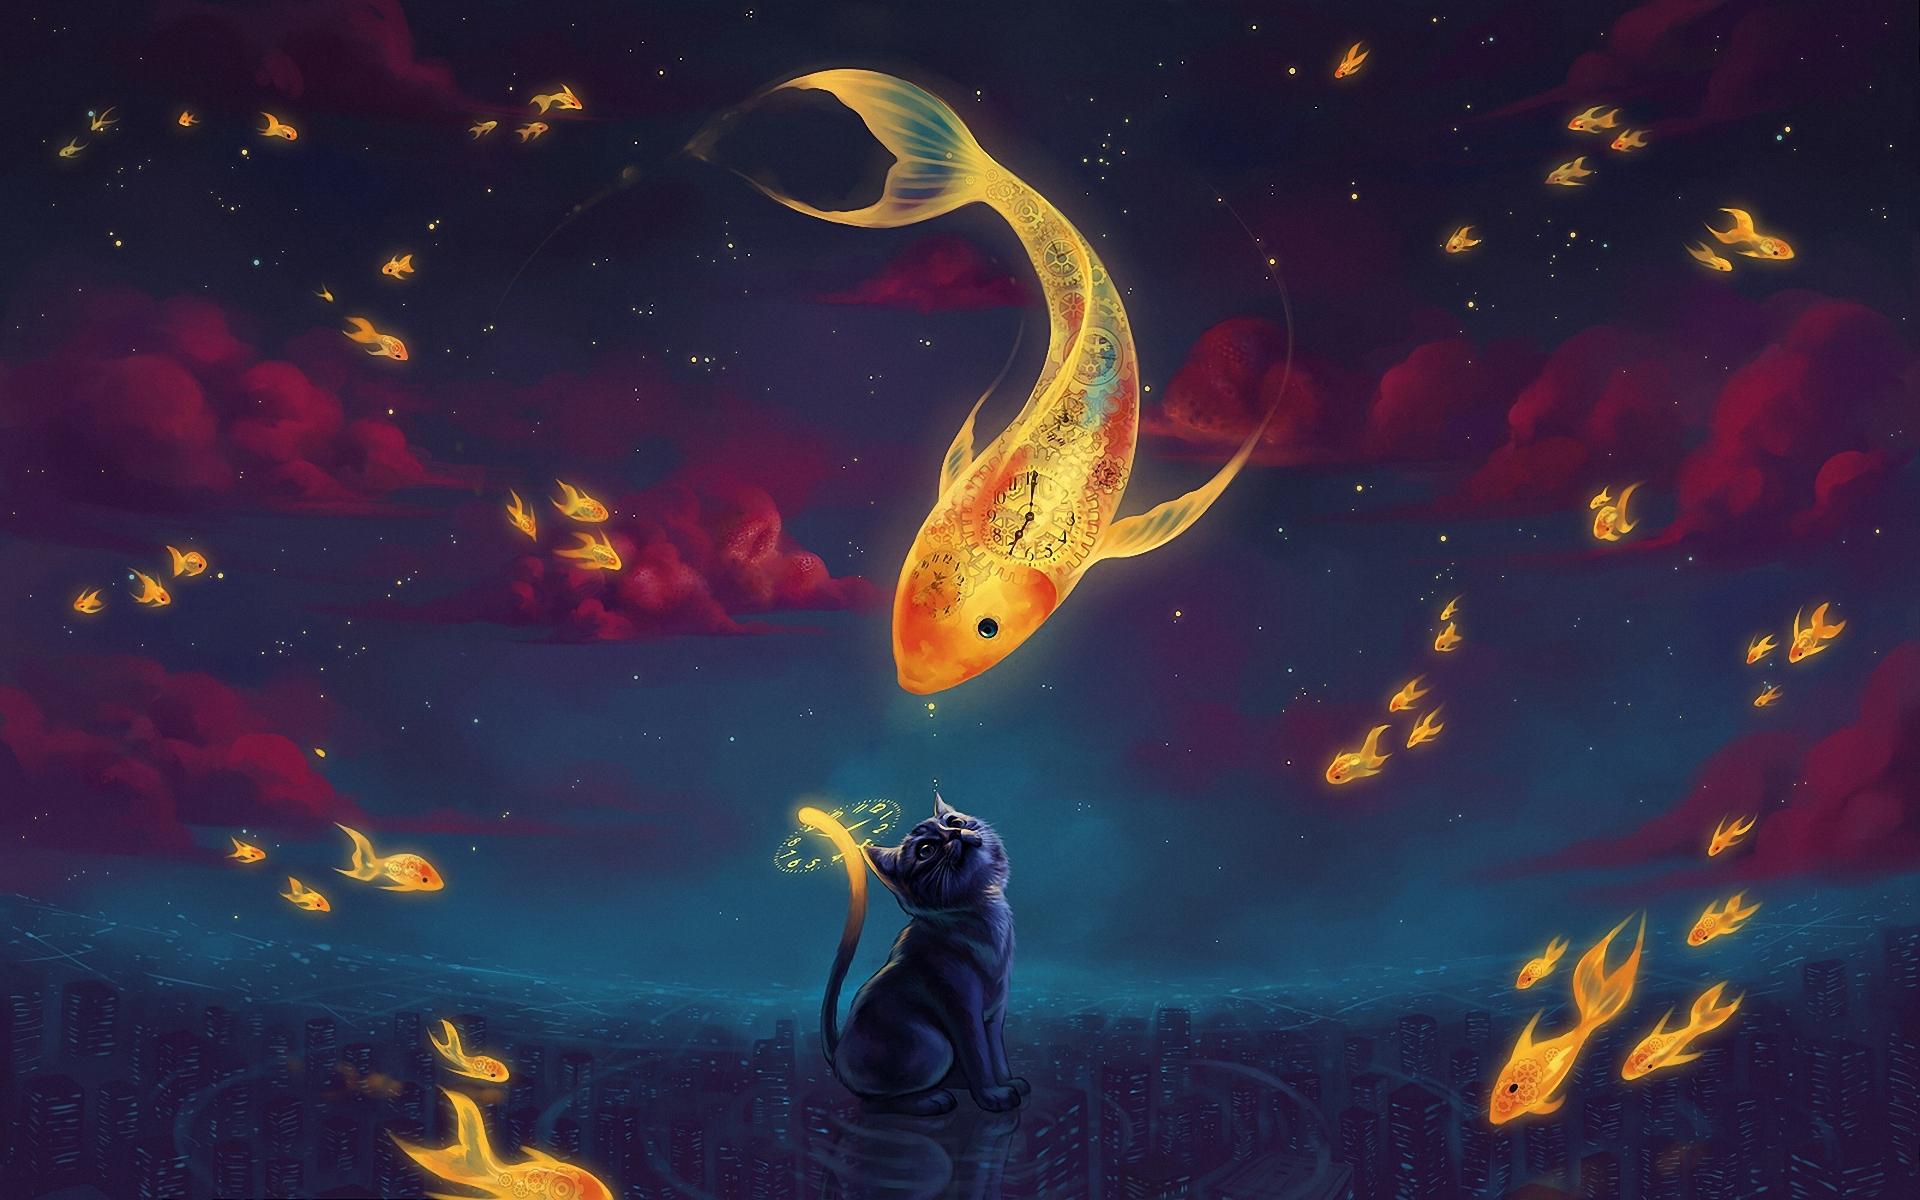 Волшебные сны картинки, надписями